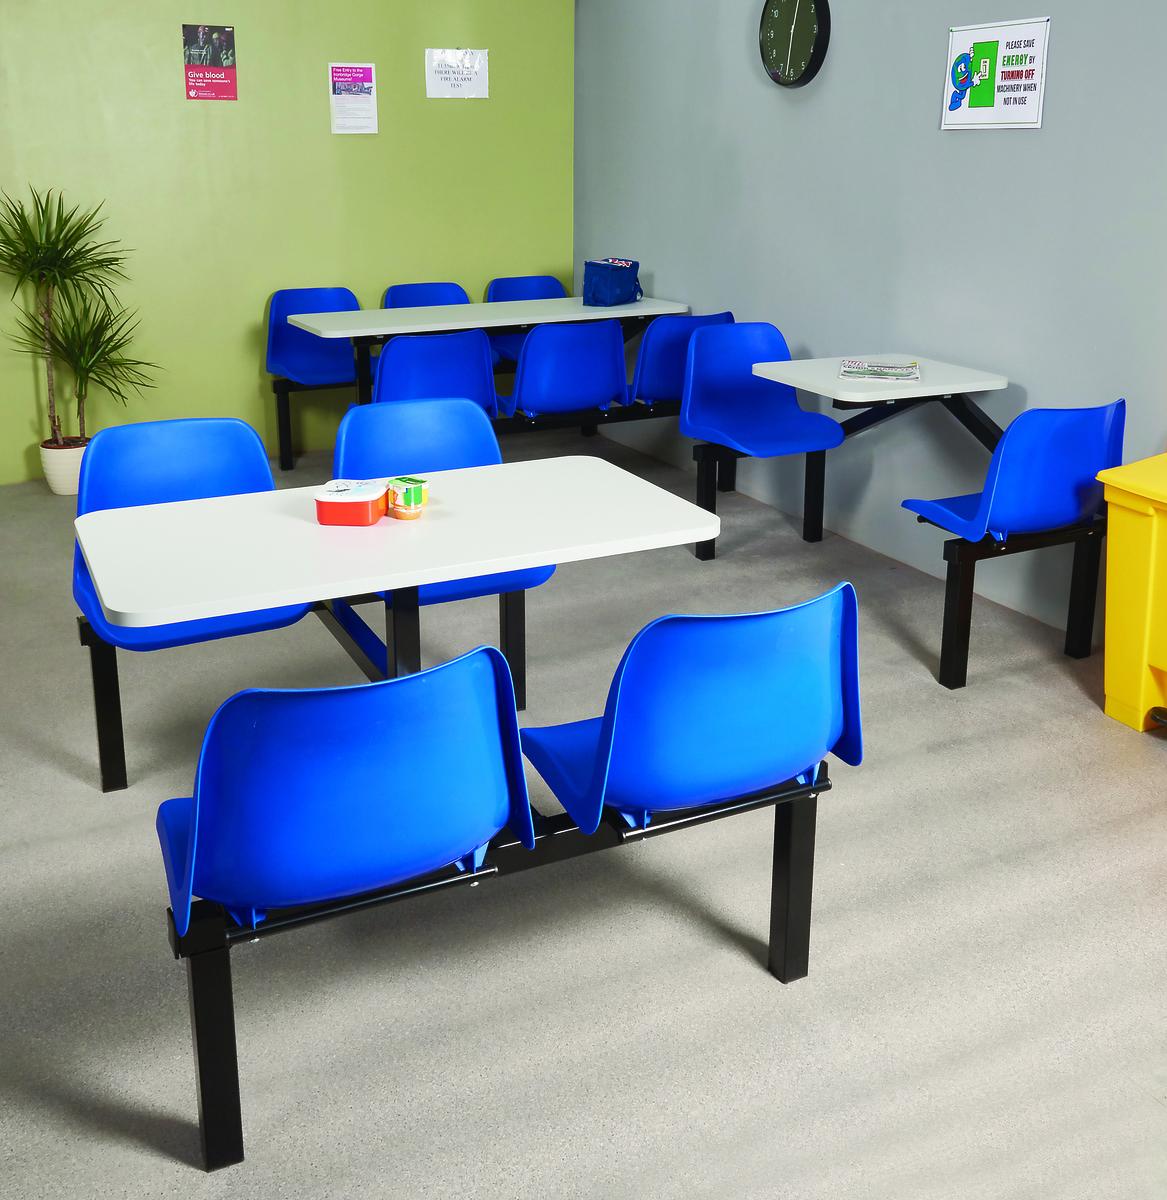 Standard_canteen_furniture__group_shot_